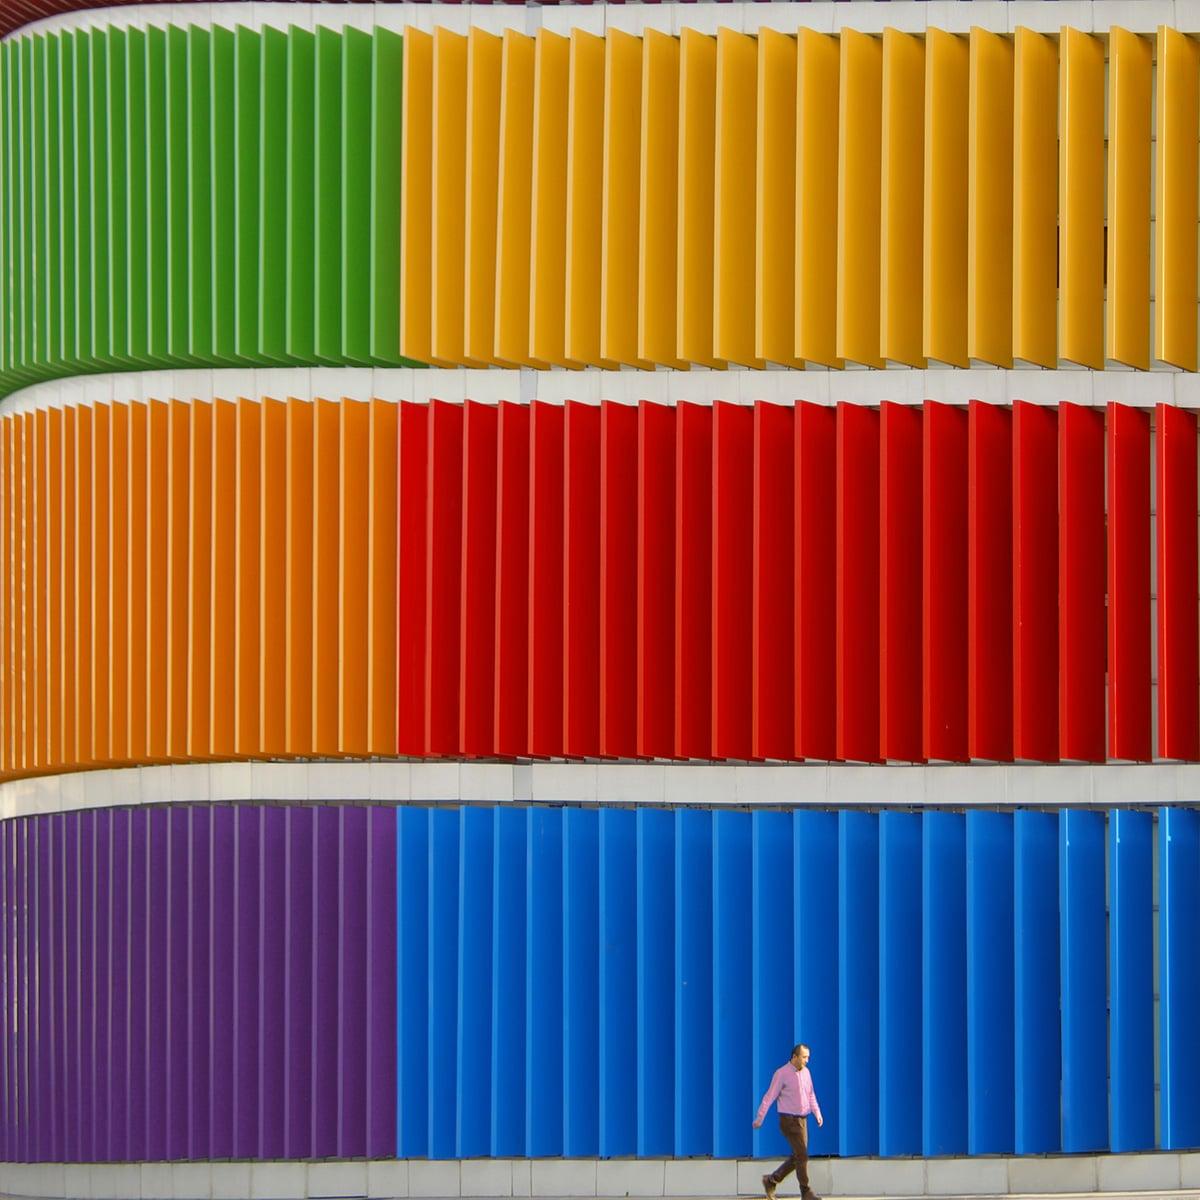 Fotografía de paisaje urbano por Yener Torun